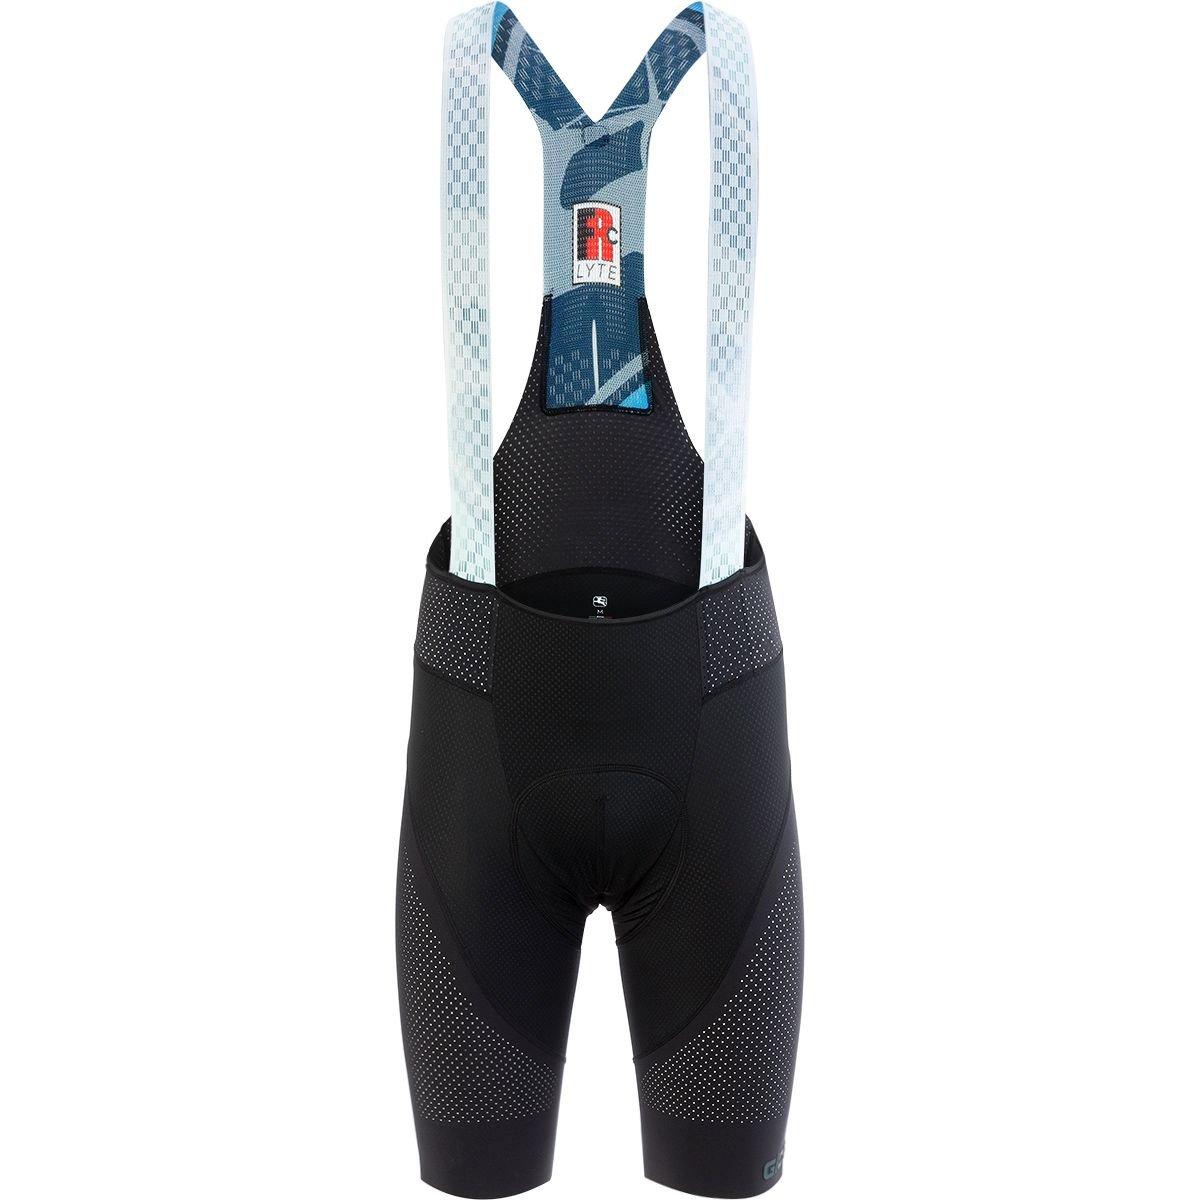 Giordana fr-c Pro Lyte Bib Short – Men 's B07C2PFNBJ X-Large ブラック ブラック X-Large